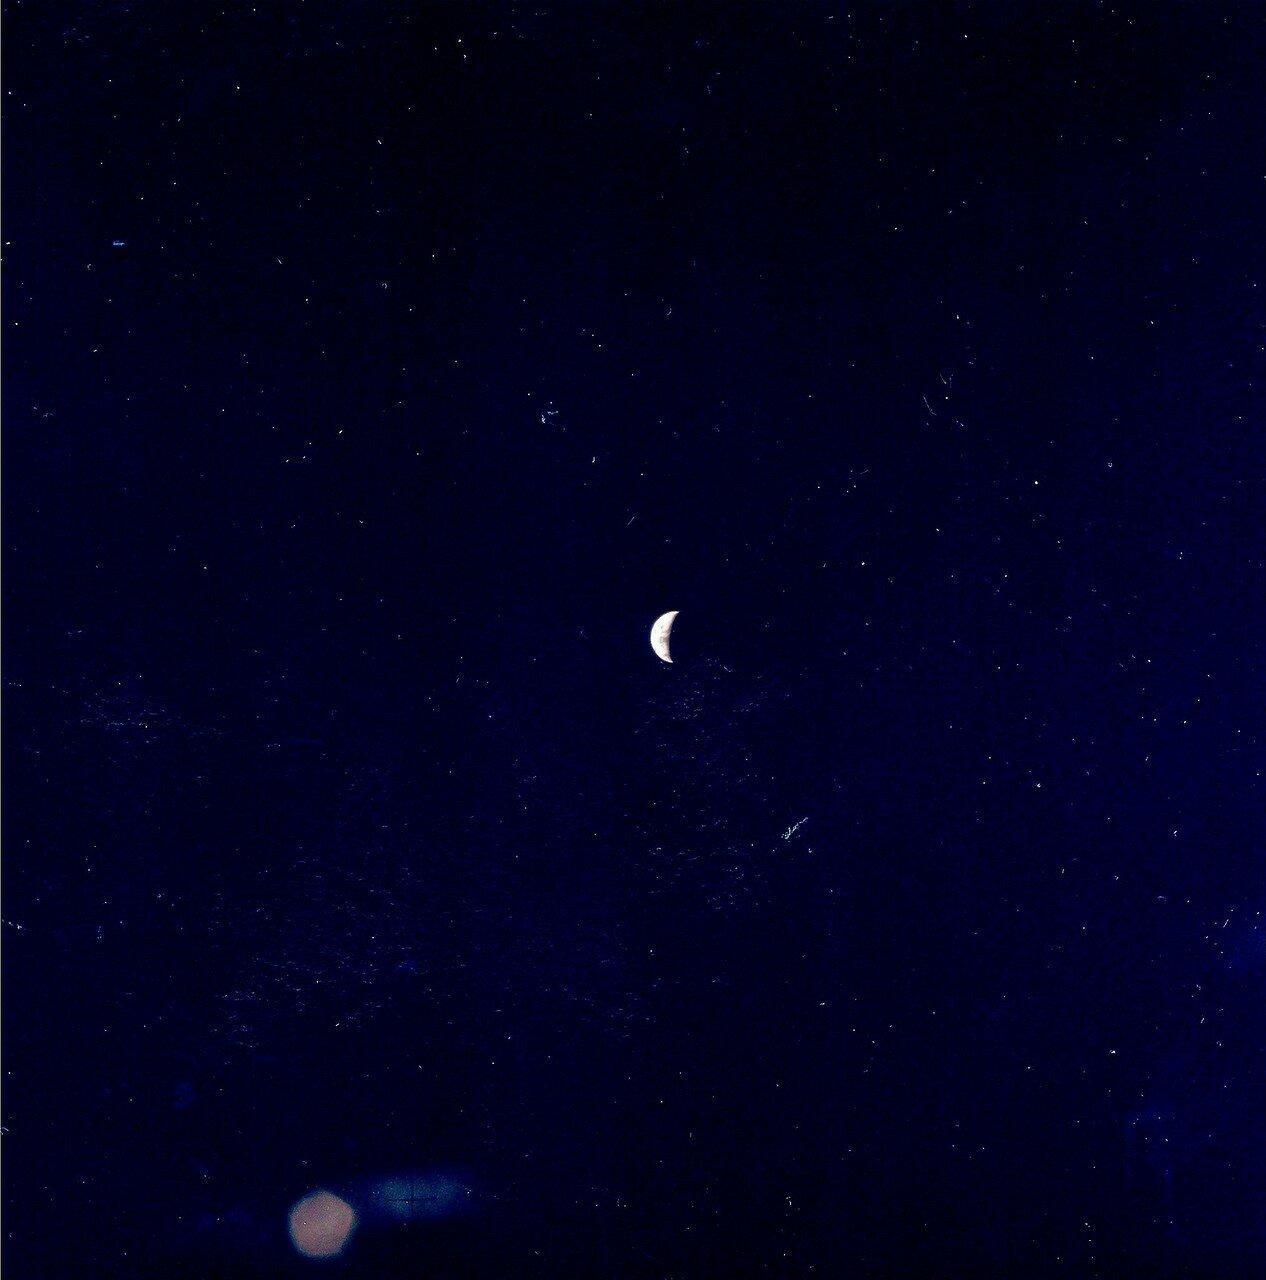 Ввиду использования траектории свободного облёта Луны, корабль «Аполлон-13»  установил рекорд удаления пилотируемого аппарата от Земли — 401 056 км. На снимке: Вид Земли с самого дальнего расстояния когда-либо достигнутого пилотируемым аппаратом